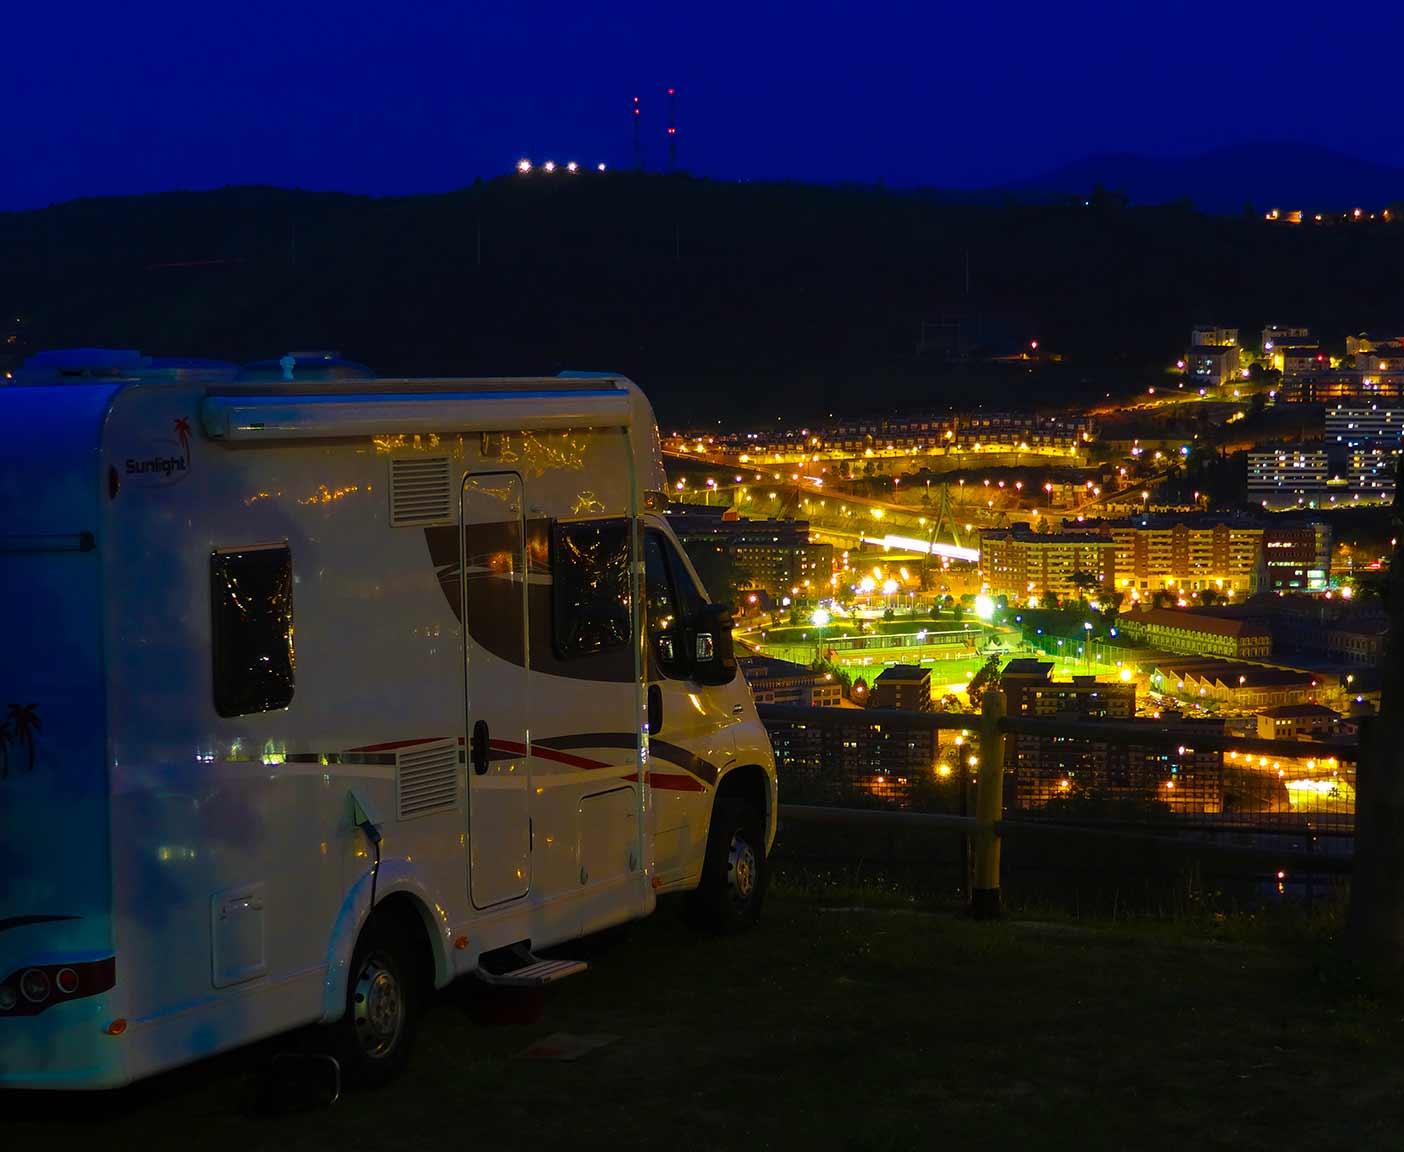 Wohnmobil in der Nacht, Lichter einer Stadt, Wohnmobil vermieten bei PaulCamper